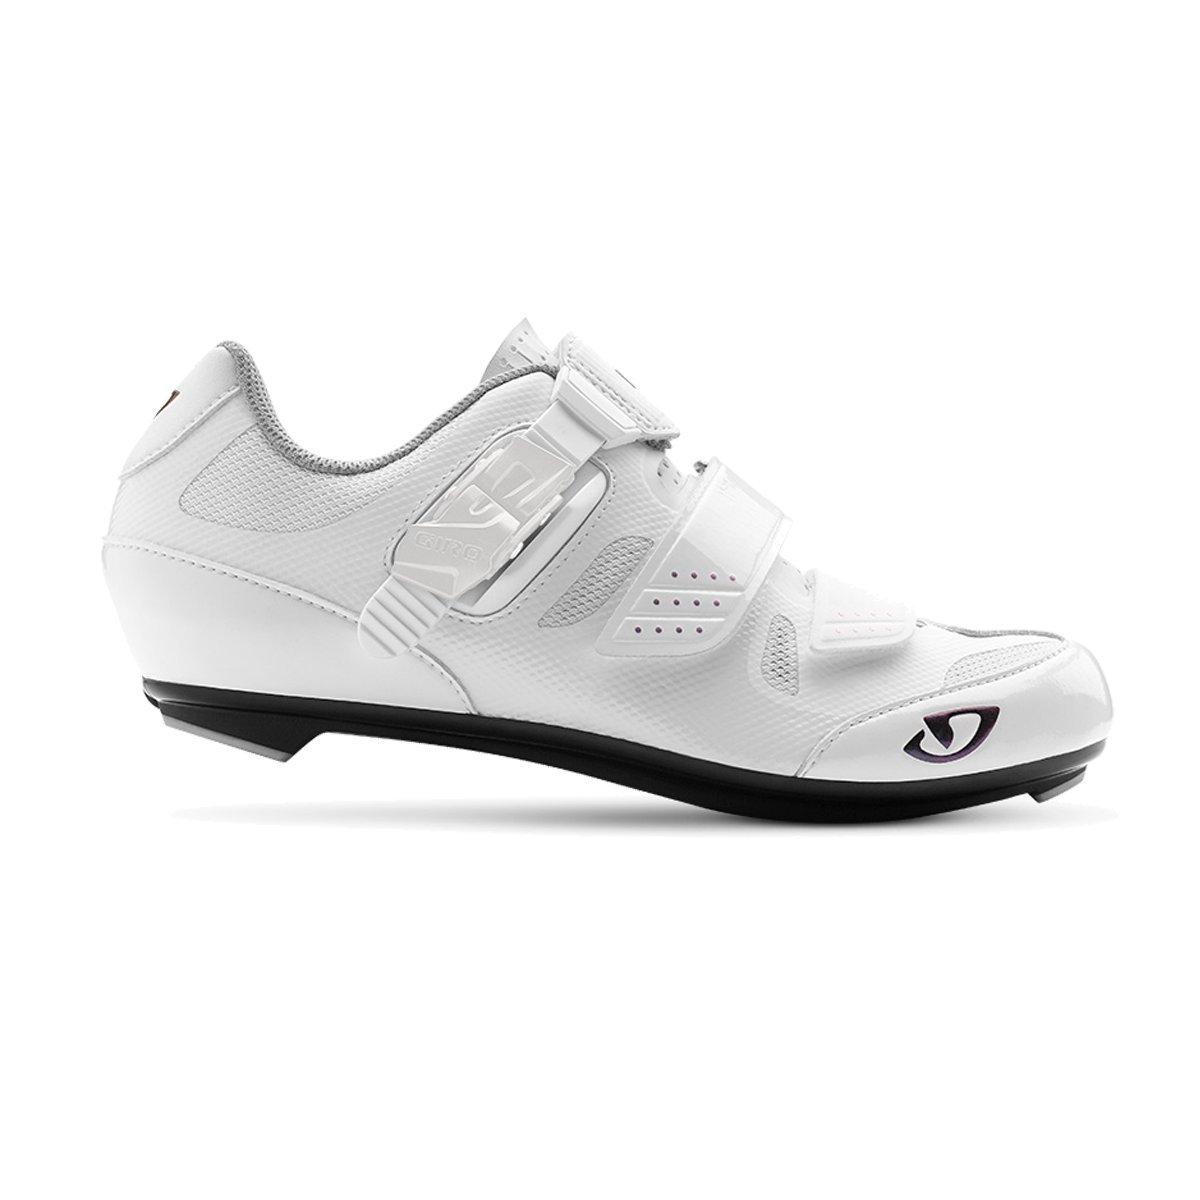 Giro Solara II Womens Road Cycling Shoes B015T758A0 42.5 White